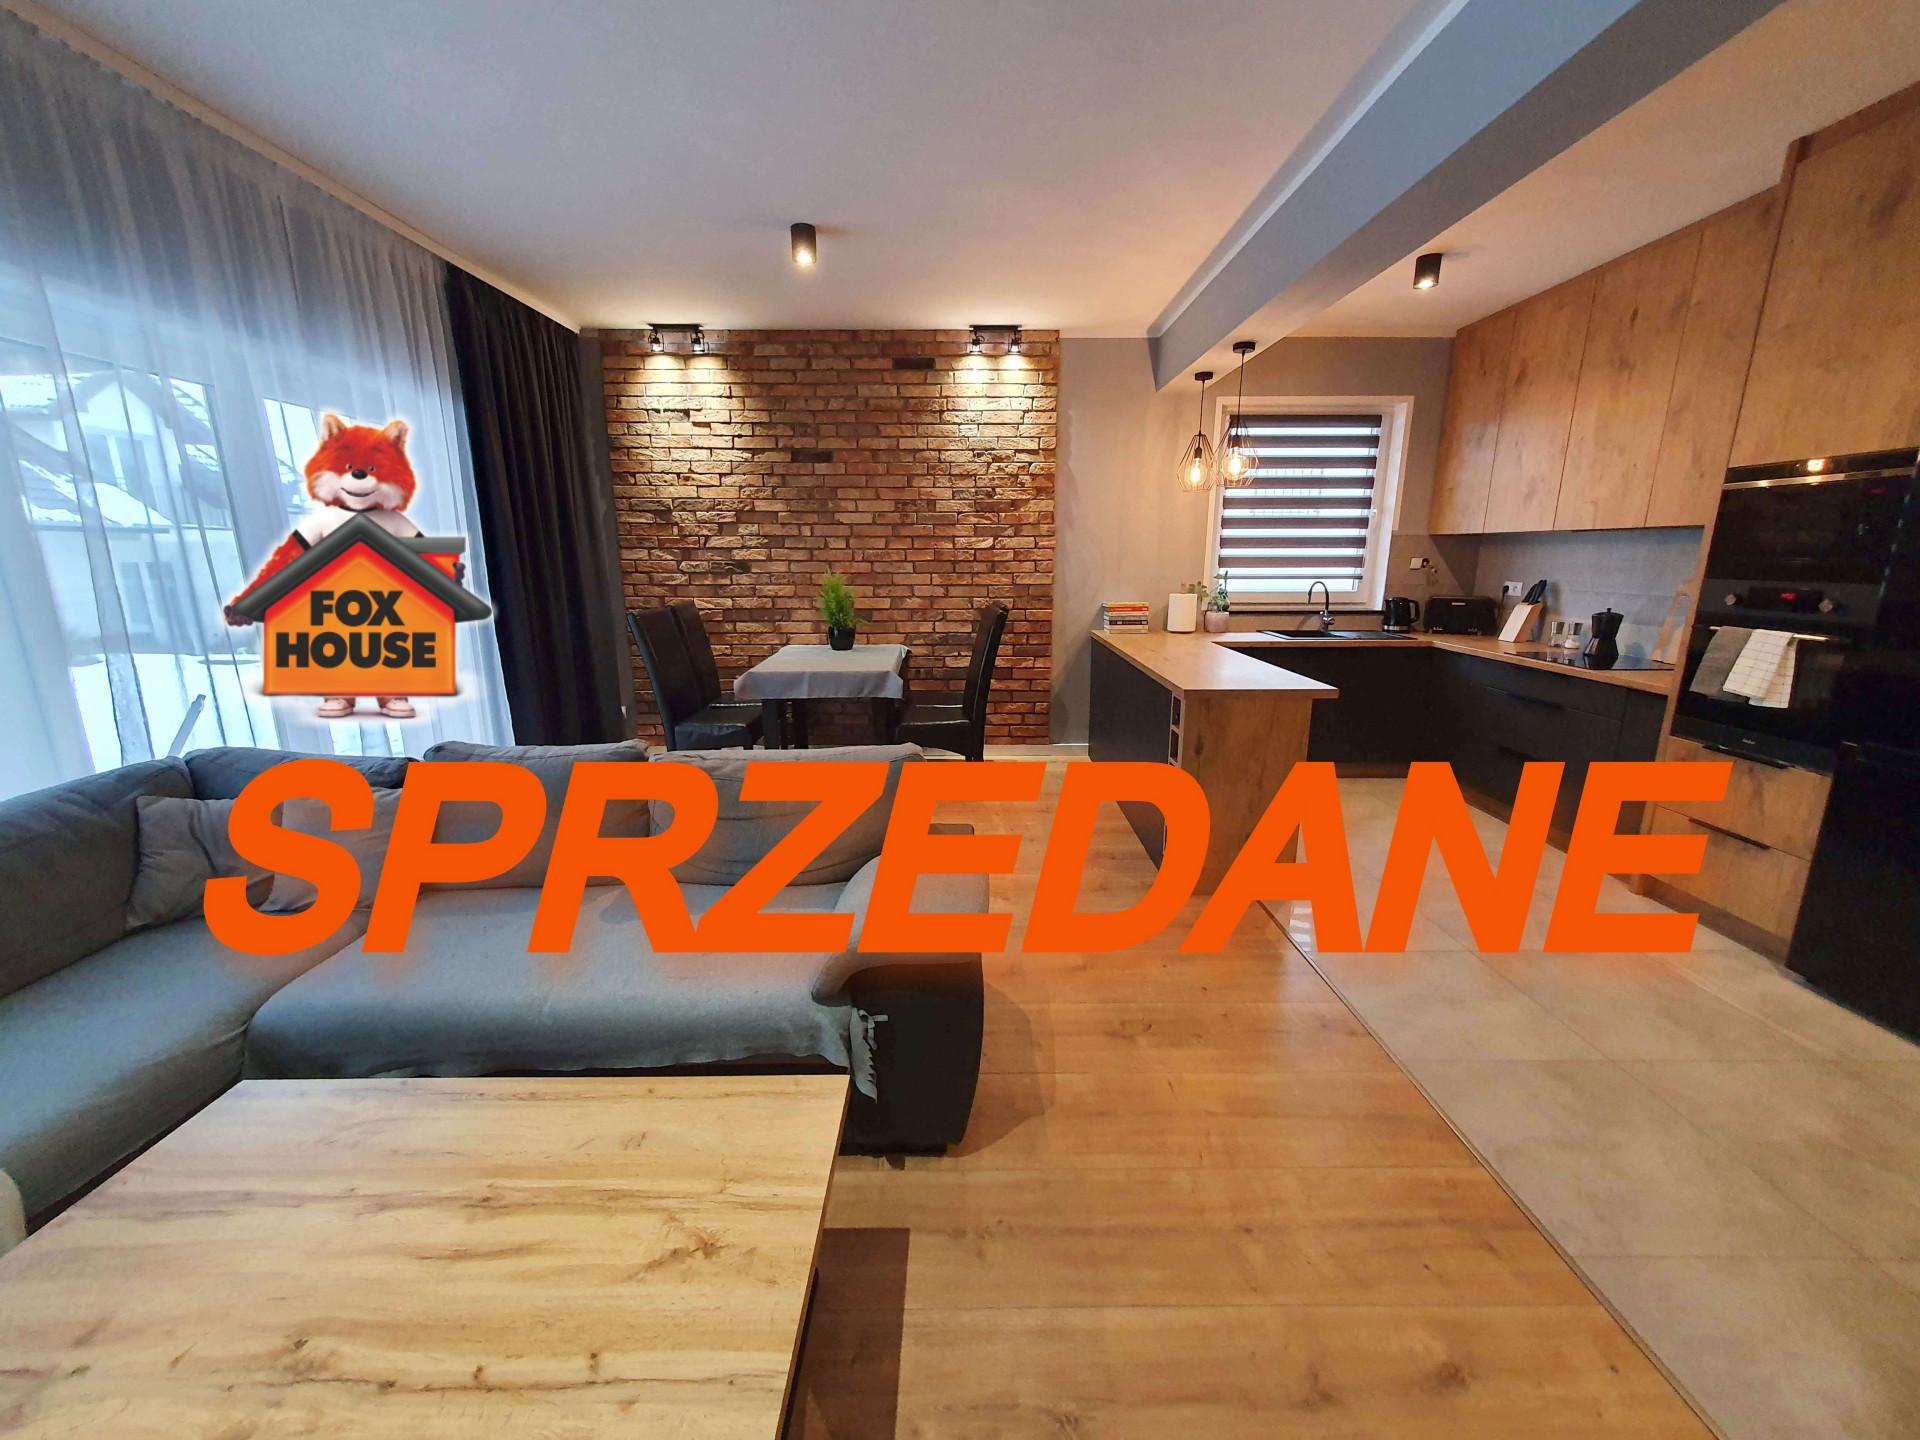 Dom – Szeregówka z Garażem – Budynek z 2019 roku – Działka 300 m2